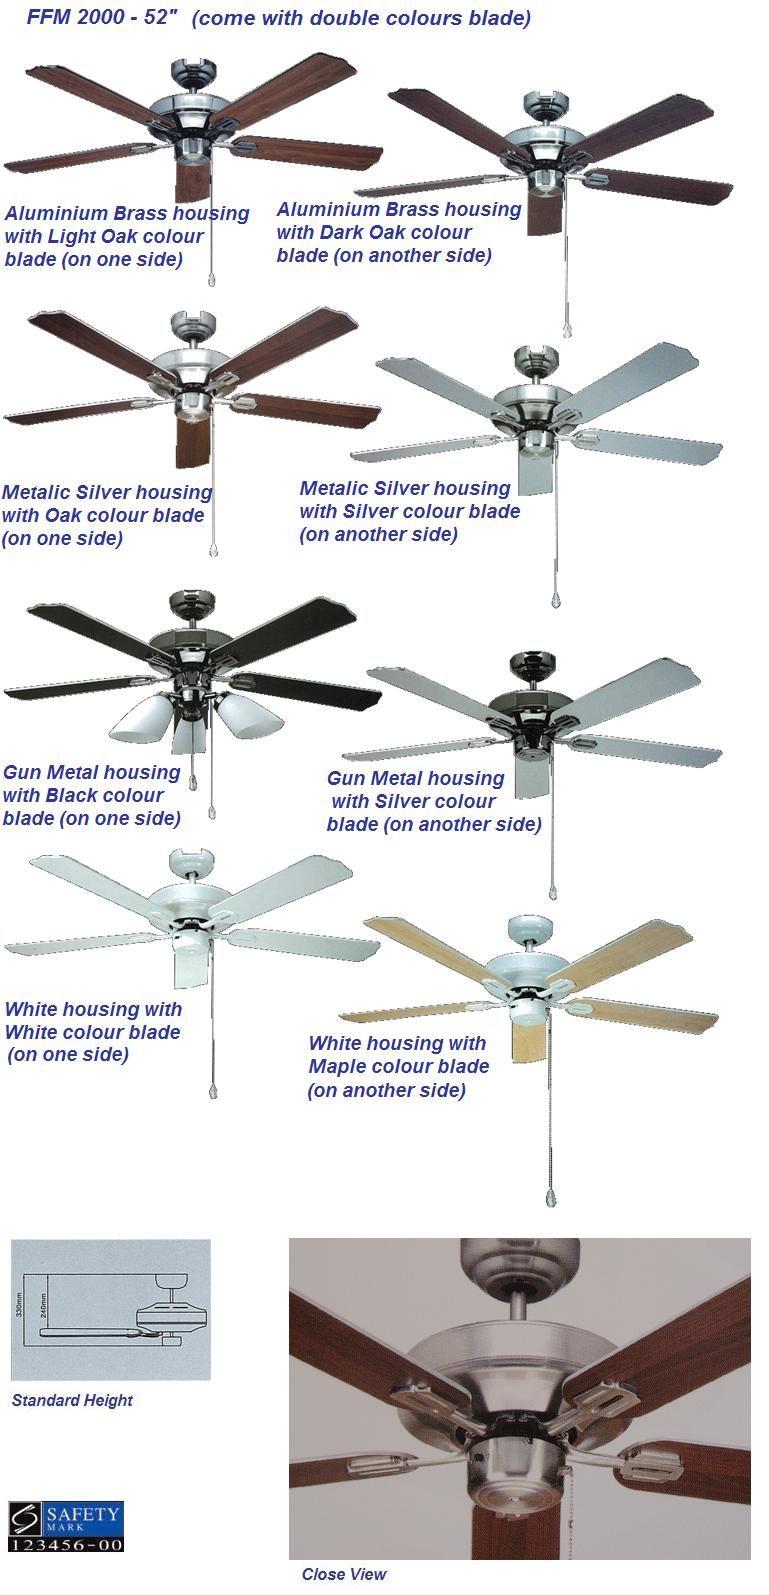 60 Luxury Fanco Ceiling Fan Wiring Diagram in 2020